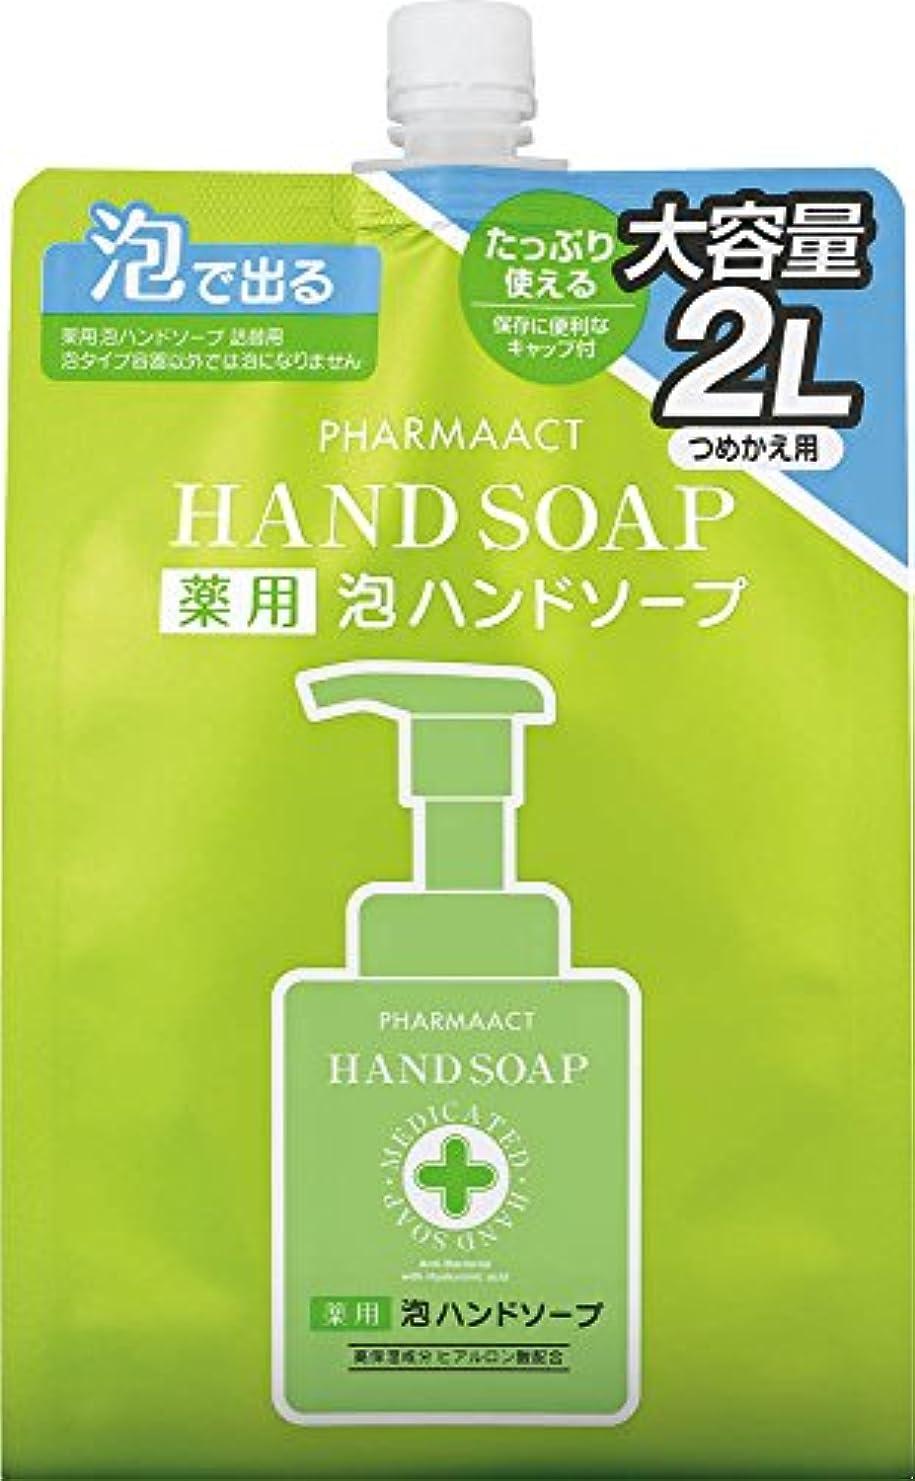 勃起にんじんハード熊野油脂 PHARMAACT(ファーマアクト) 薬用泡ハンドソープ詰替スパウト付 2L